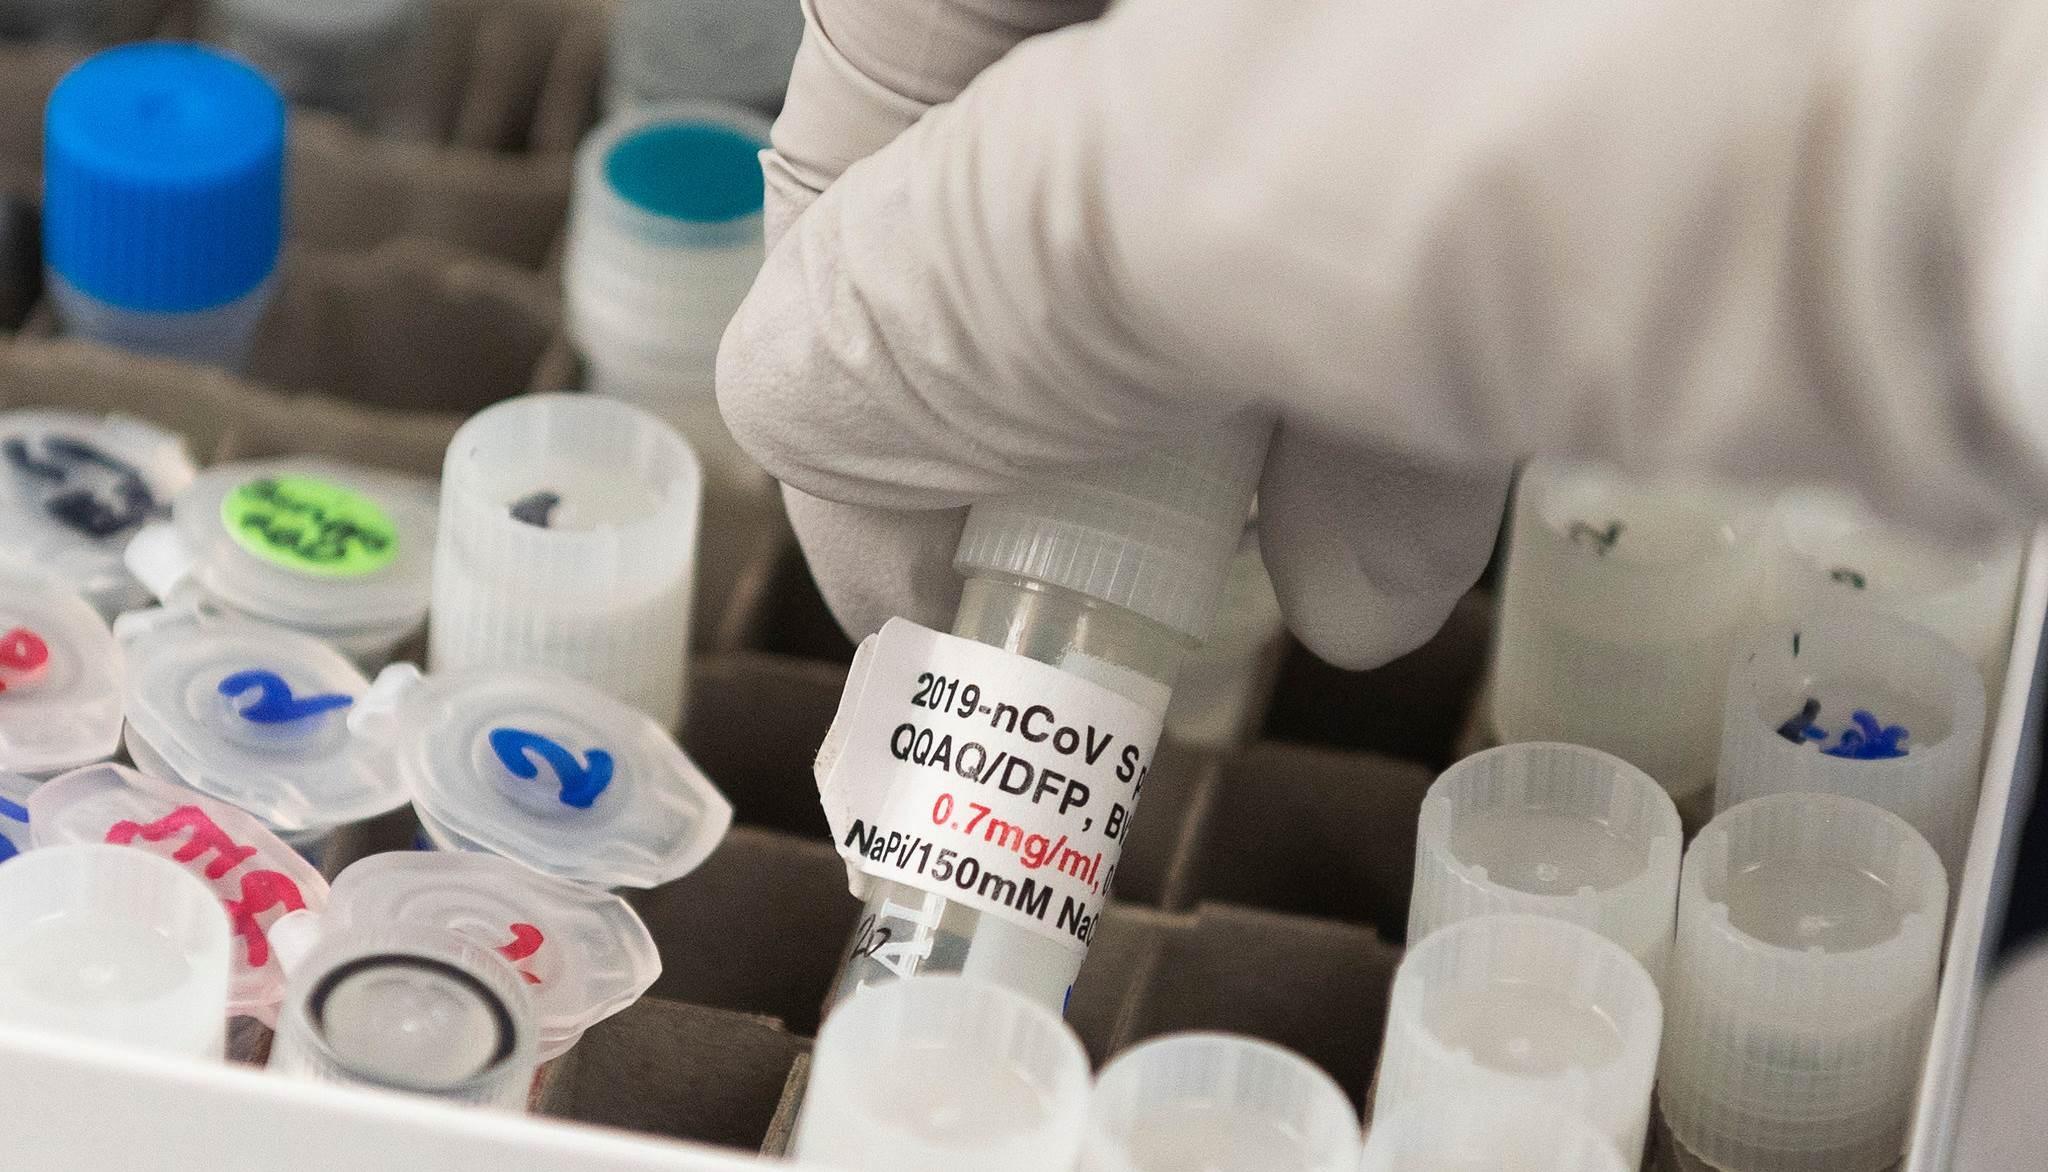 خبير أوبئة روسي: كورونا سيعود في الخريف واللقاح ليس حلاً سحرياً